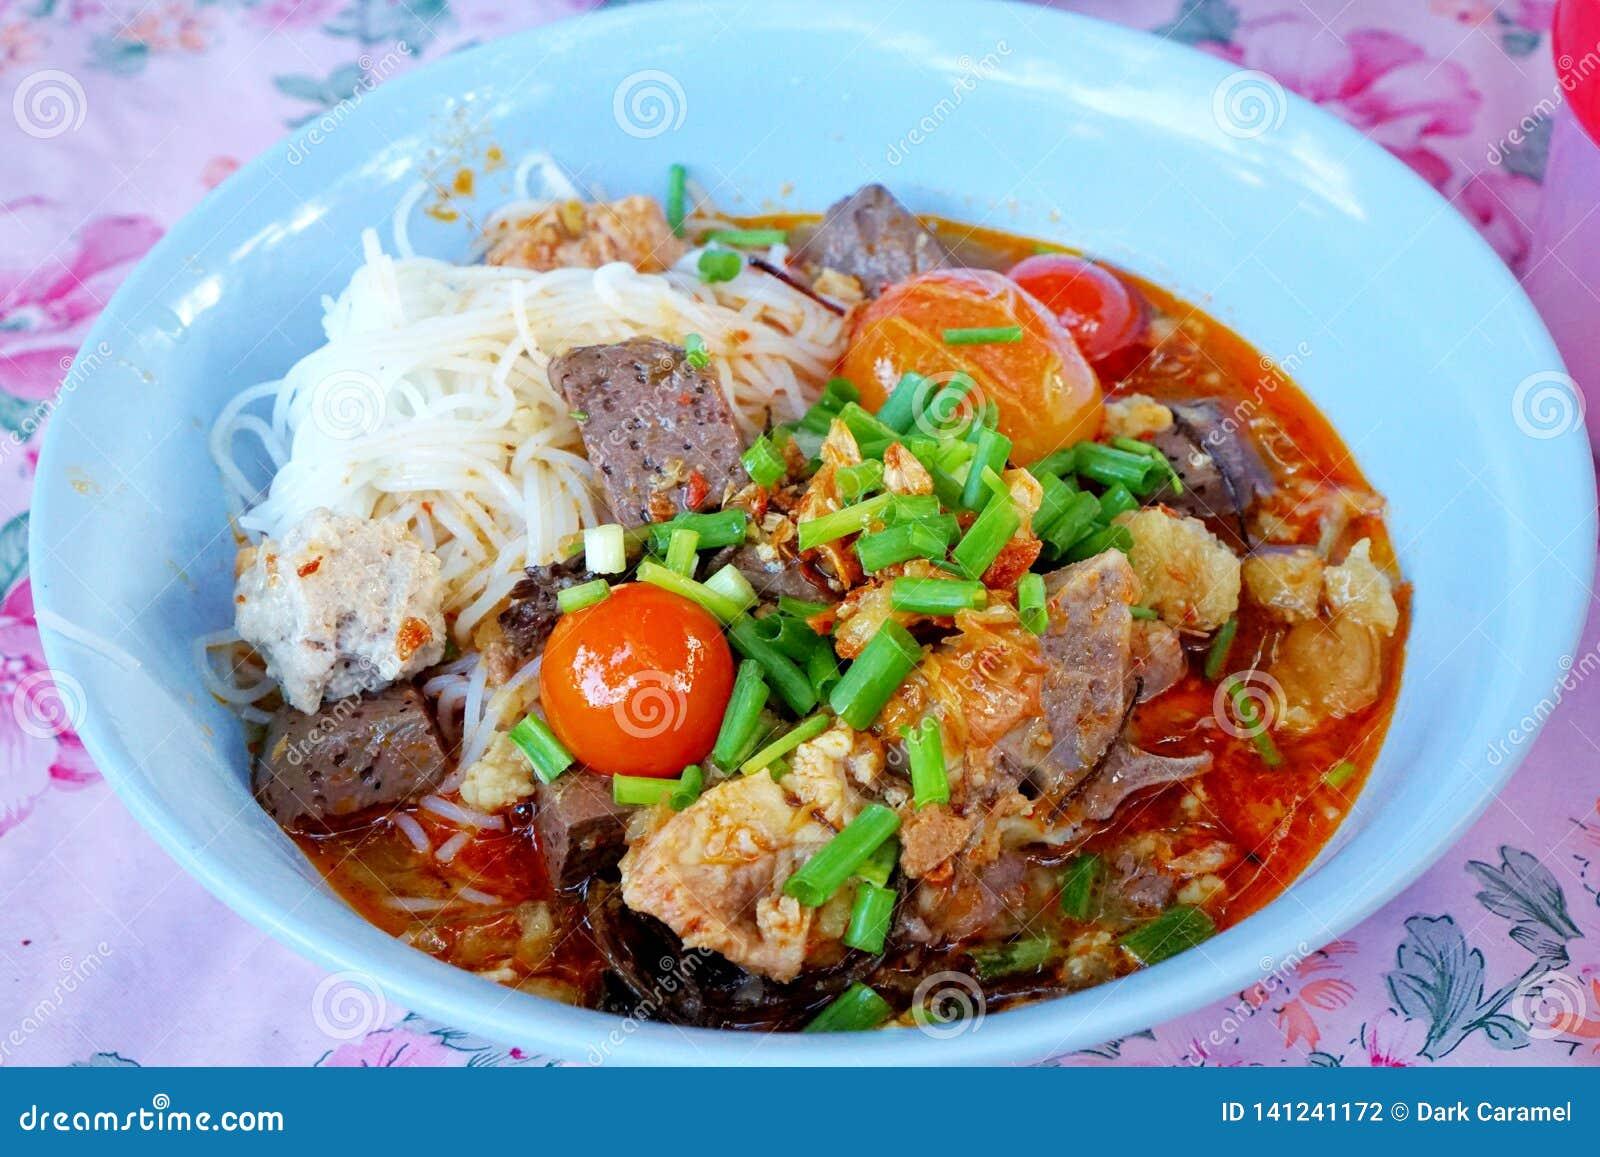 Estilo tailandês do alimento, macarronetes de arroz com molho picante da carne de porco na bacia